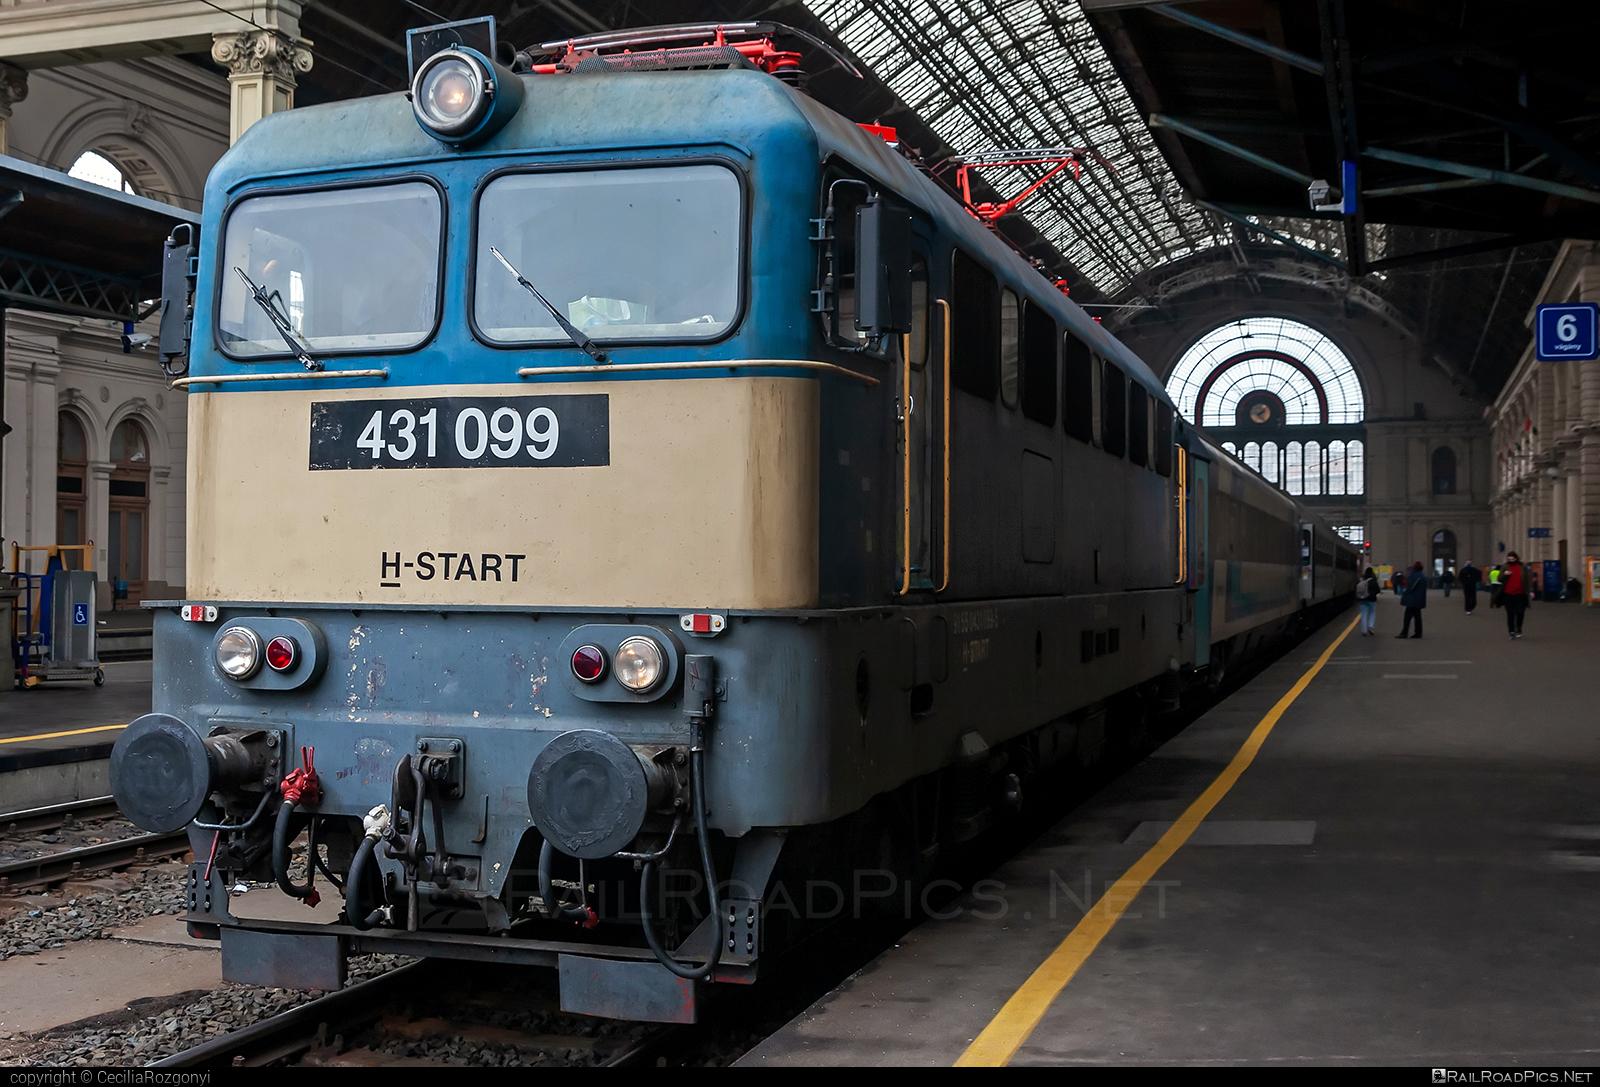 Ganz-MÁVAG VM14-10 - 431 099 operated by MÁV-START ZRt. #ganz43 #ganz431 #ganzmavag #ganzmavag43 #ganzmavag431 #ganzmavagvm1410 #mavstart #mavstartzrt #v43locomotive